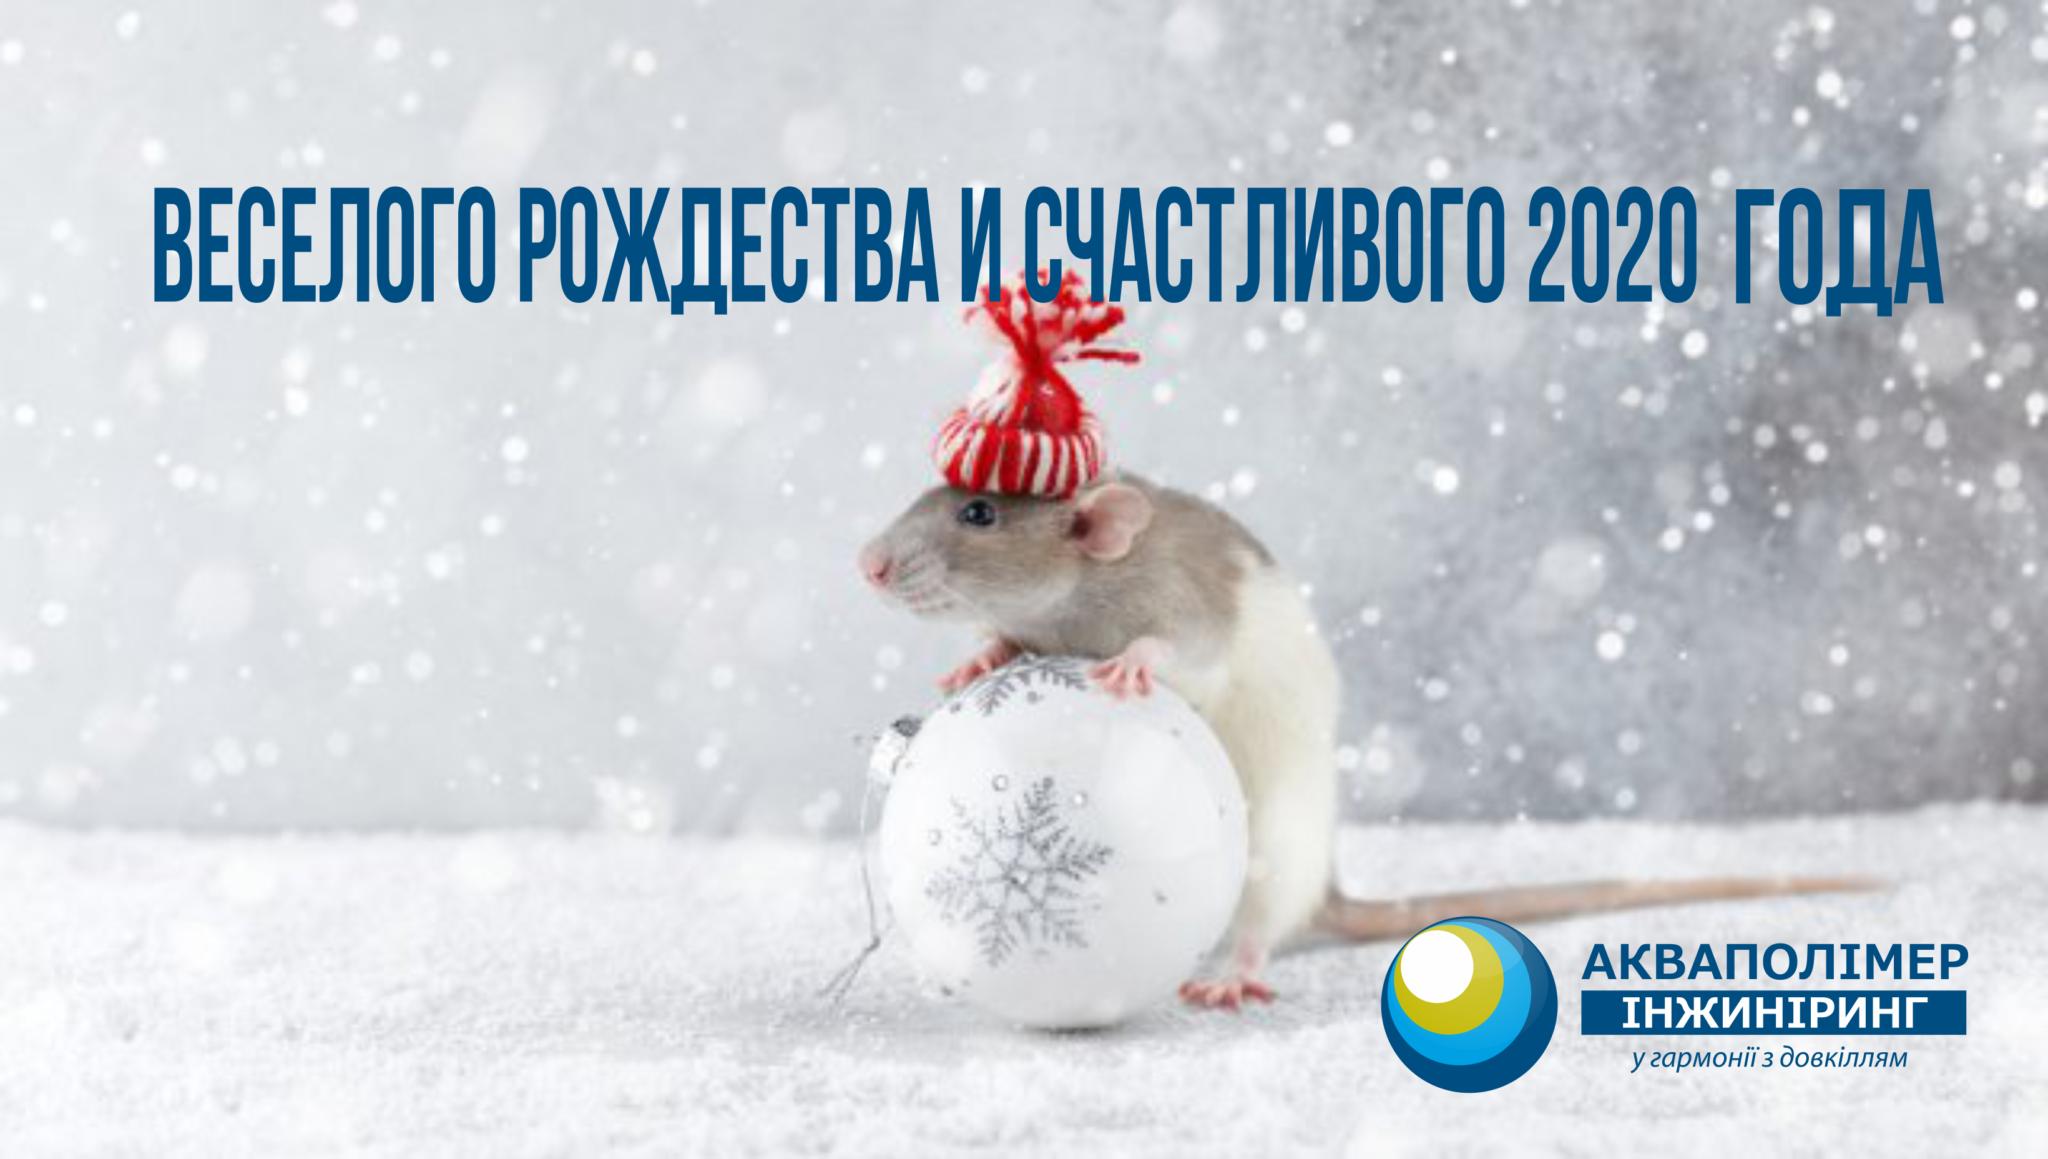 """Коллектив компании """"Акваполимер Инжиниринг"""" поздравляет всех своих клиентов и деловых партнеров с Новым годом и Рождеством Христовым!"""